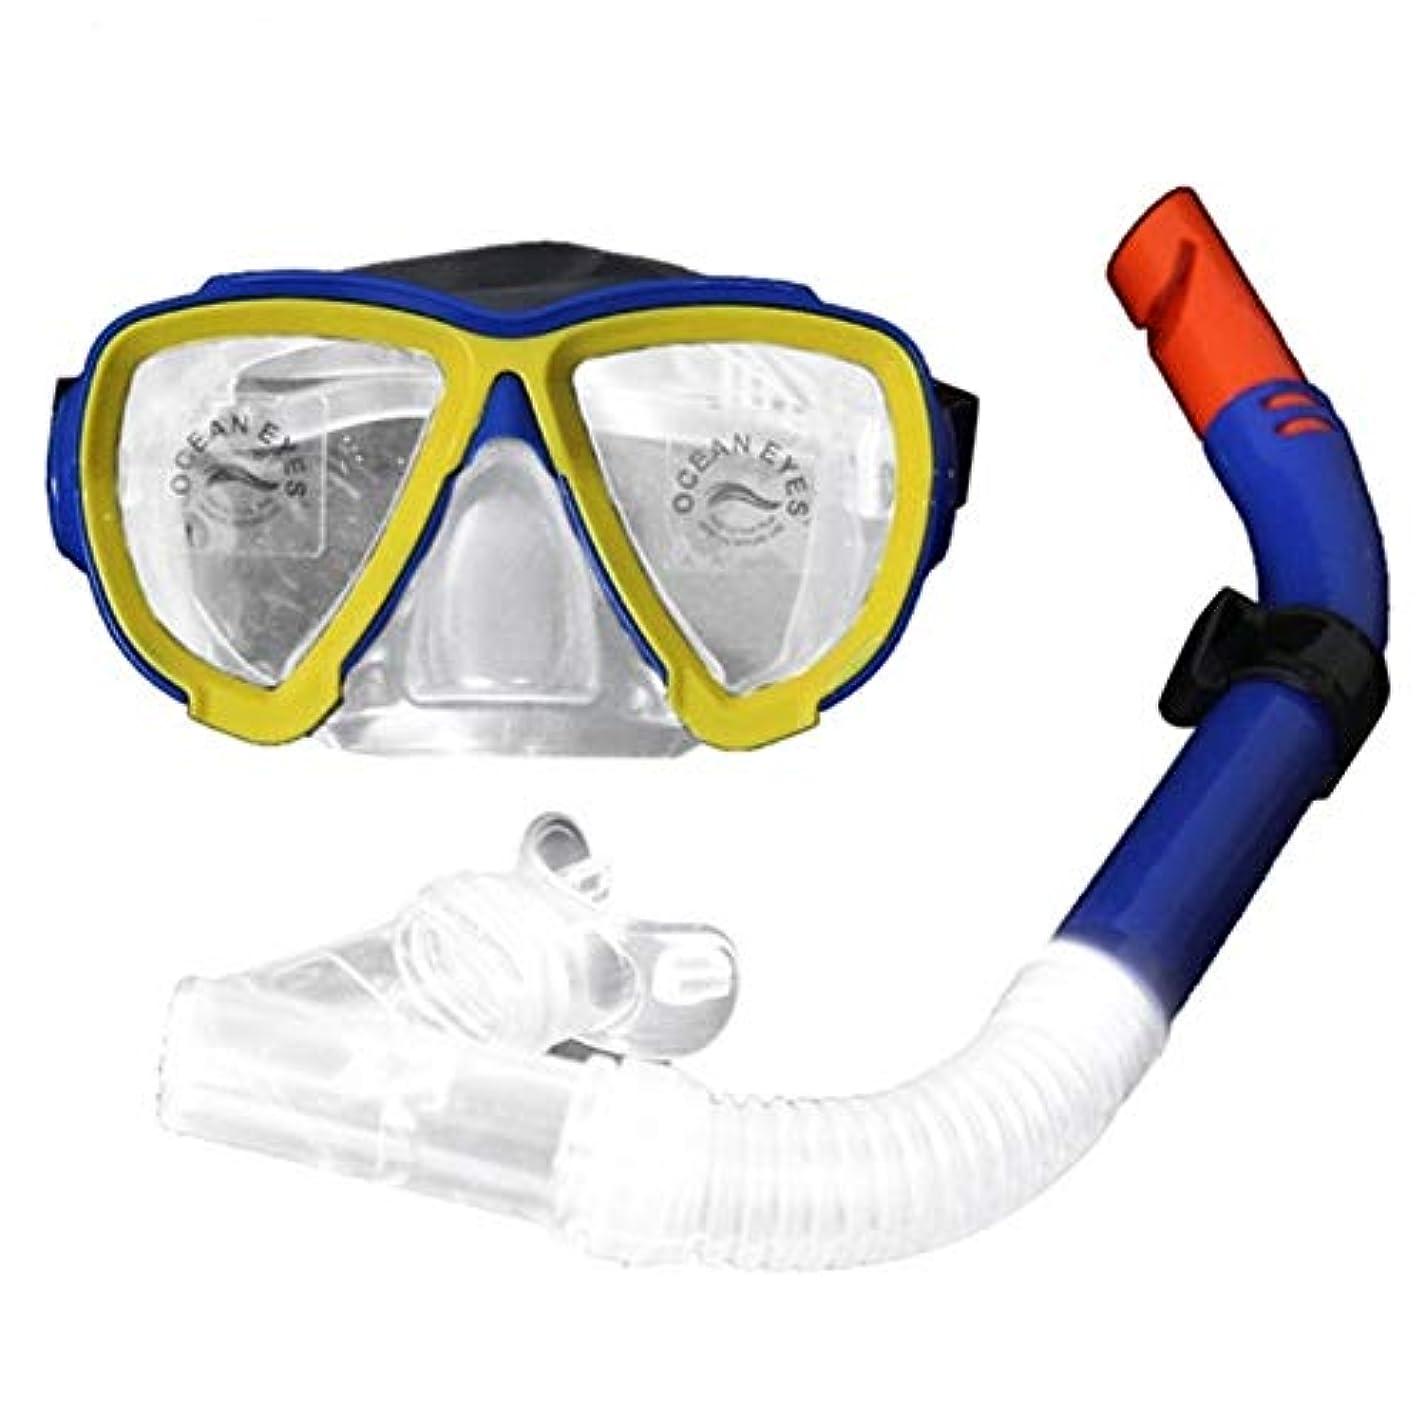 大人のガラスpvc水泳泳ぐダイビングスキューバ防曇ゴーグルマスク&シュノーケルセット g5y9k2i3rw1